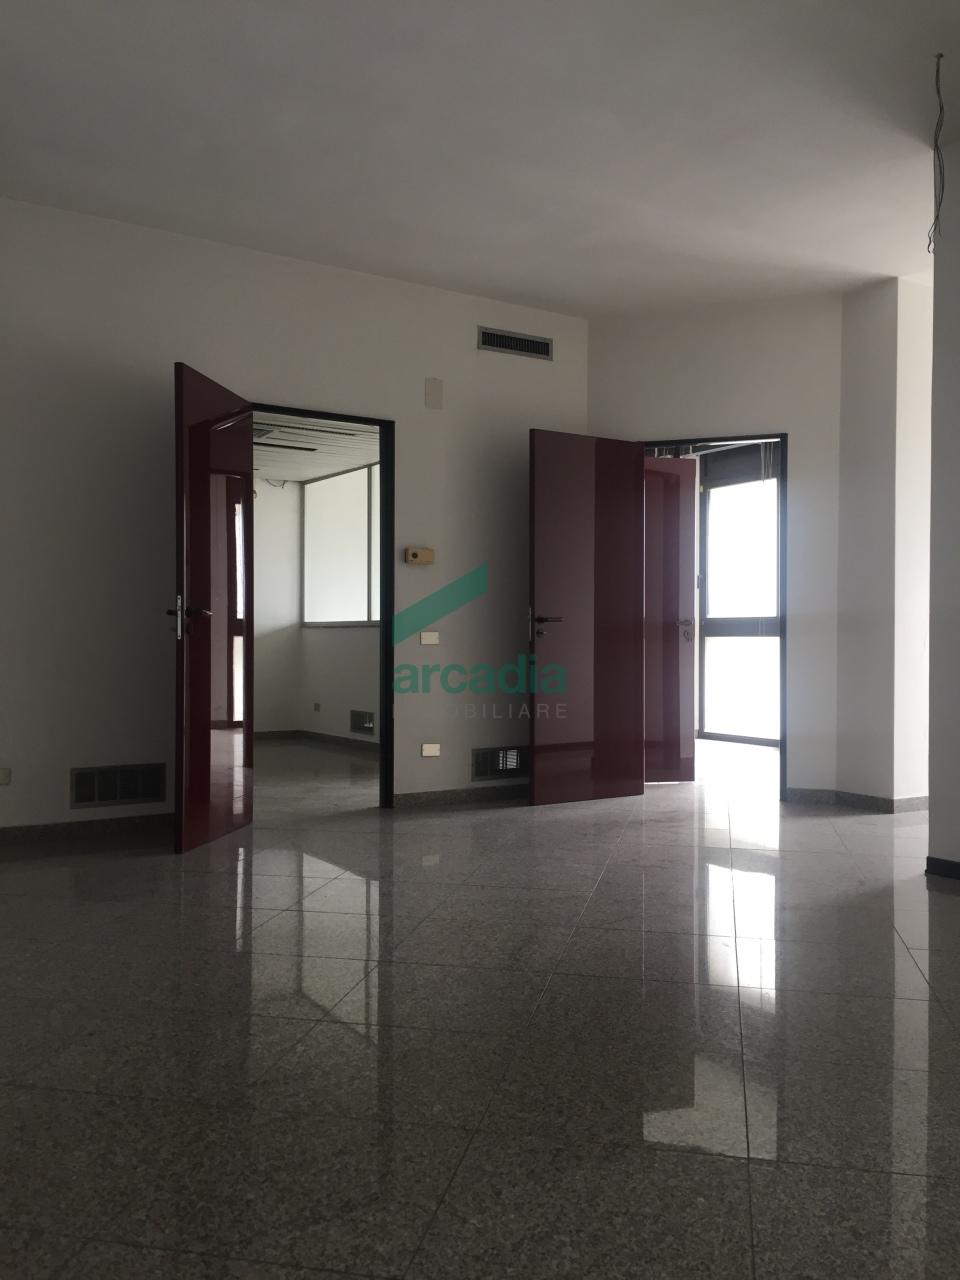 Ufficio - oltre pentalocale a San Pasquale, Bari Rif. 10466002